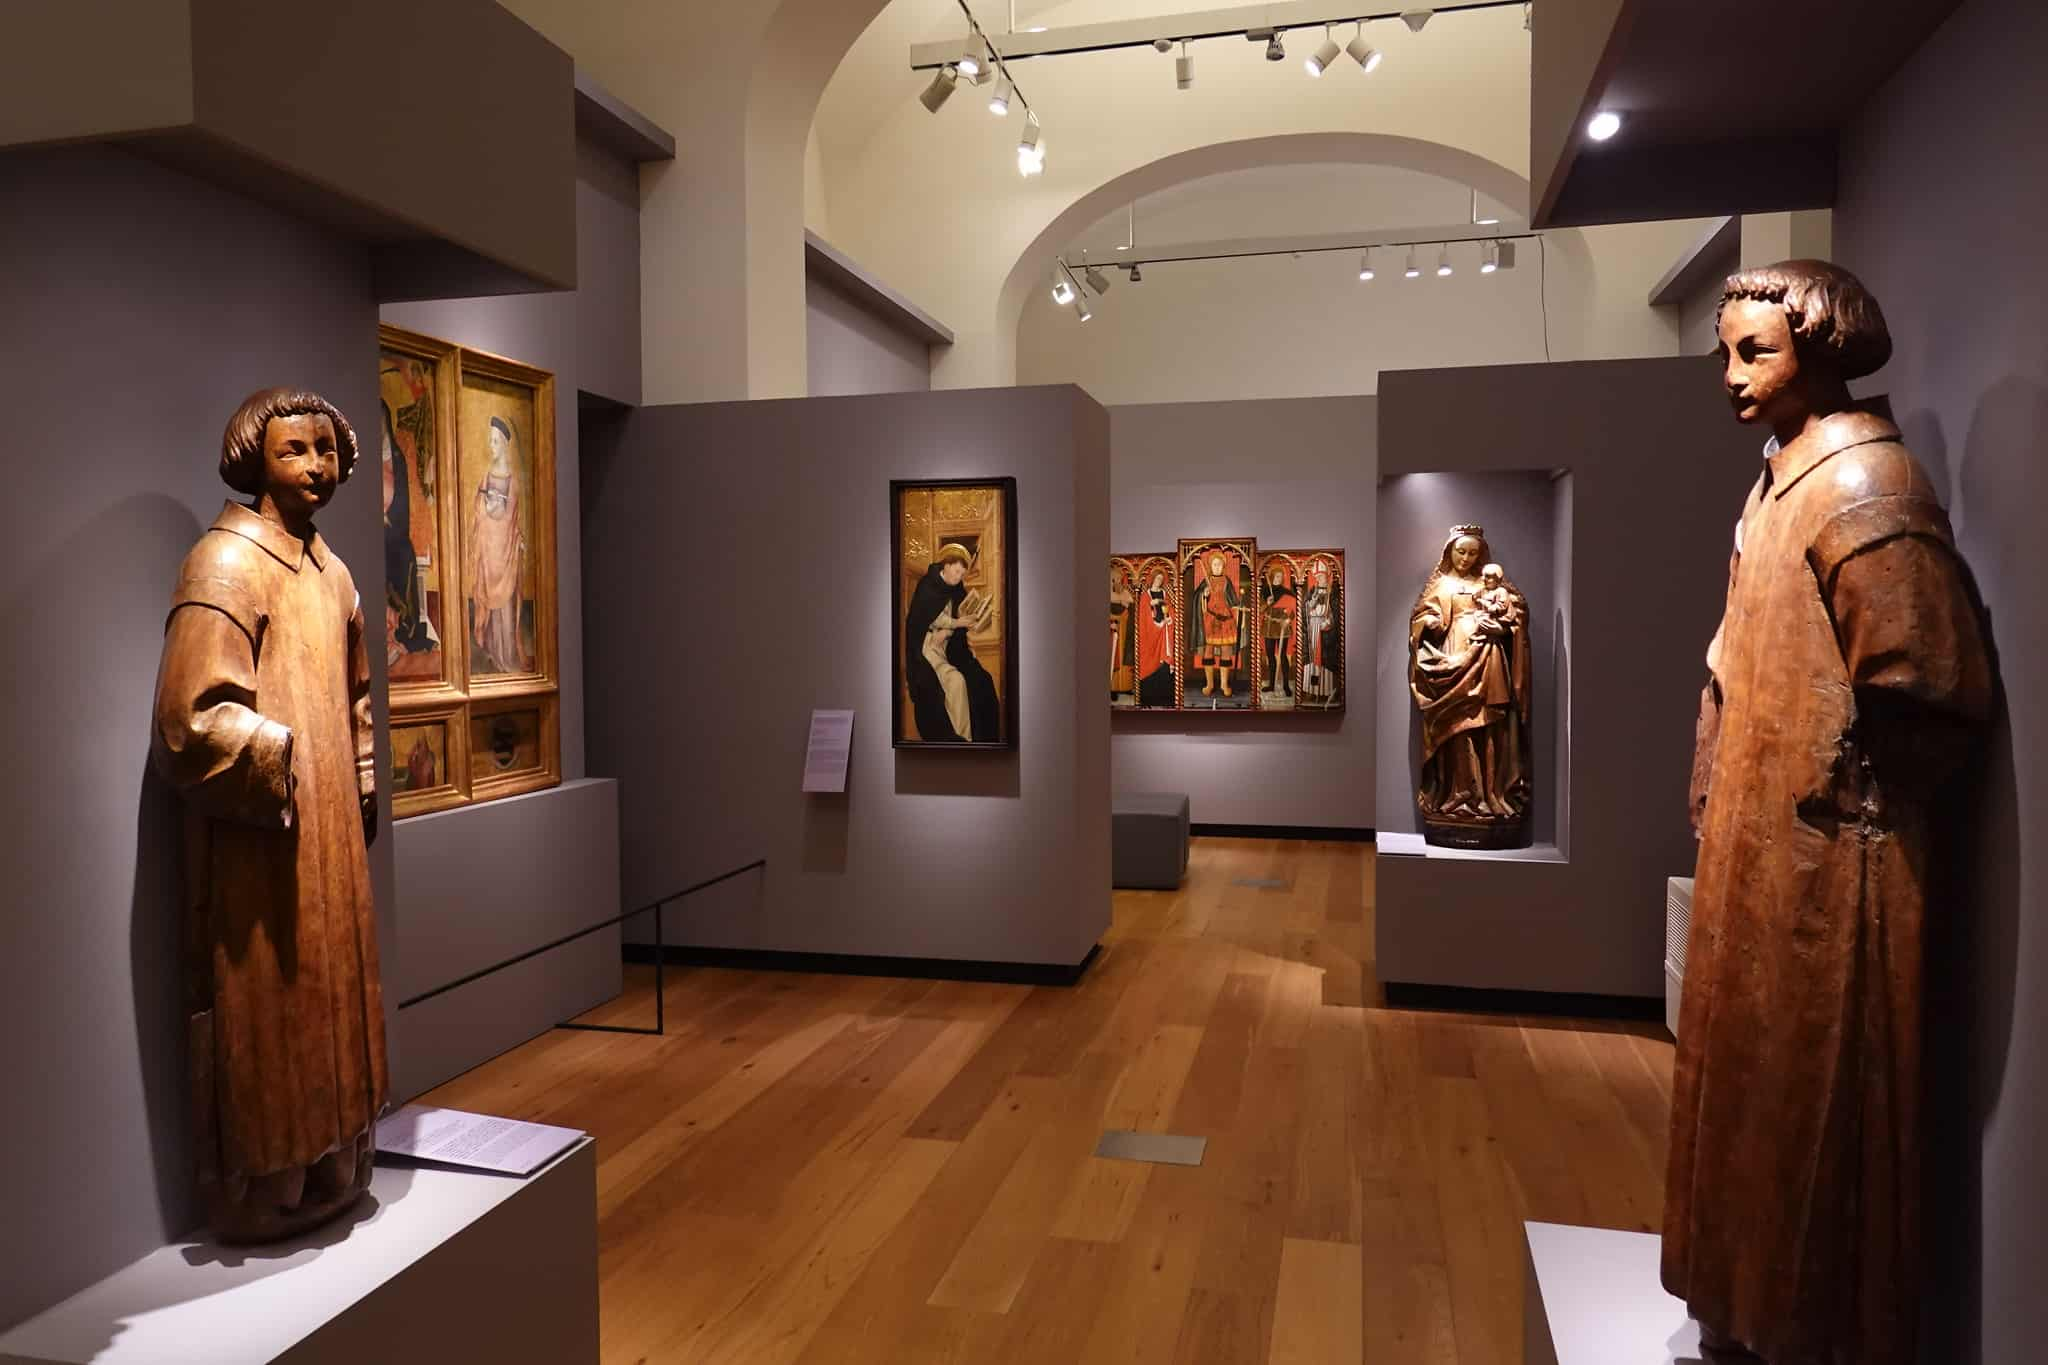 galleria sabauda dei musei reali di torino